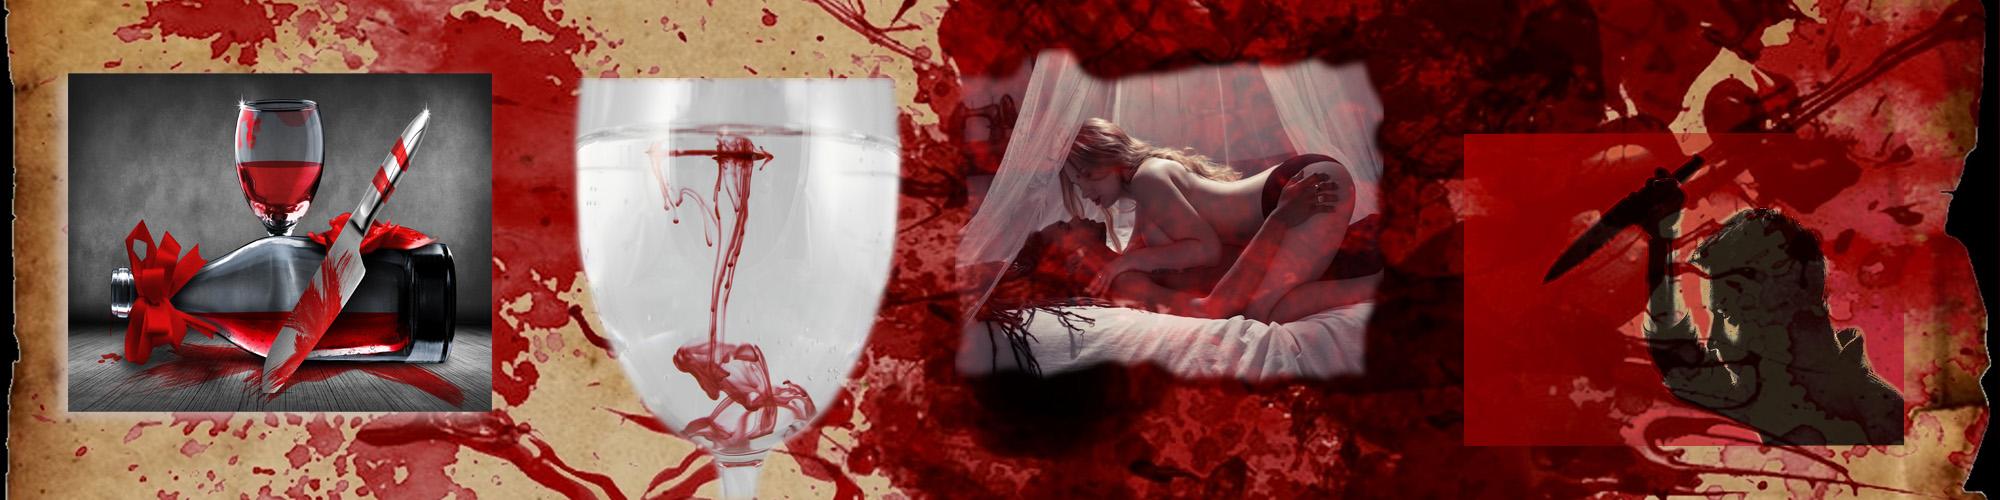 amarre de menstruacion